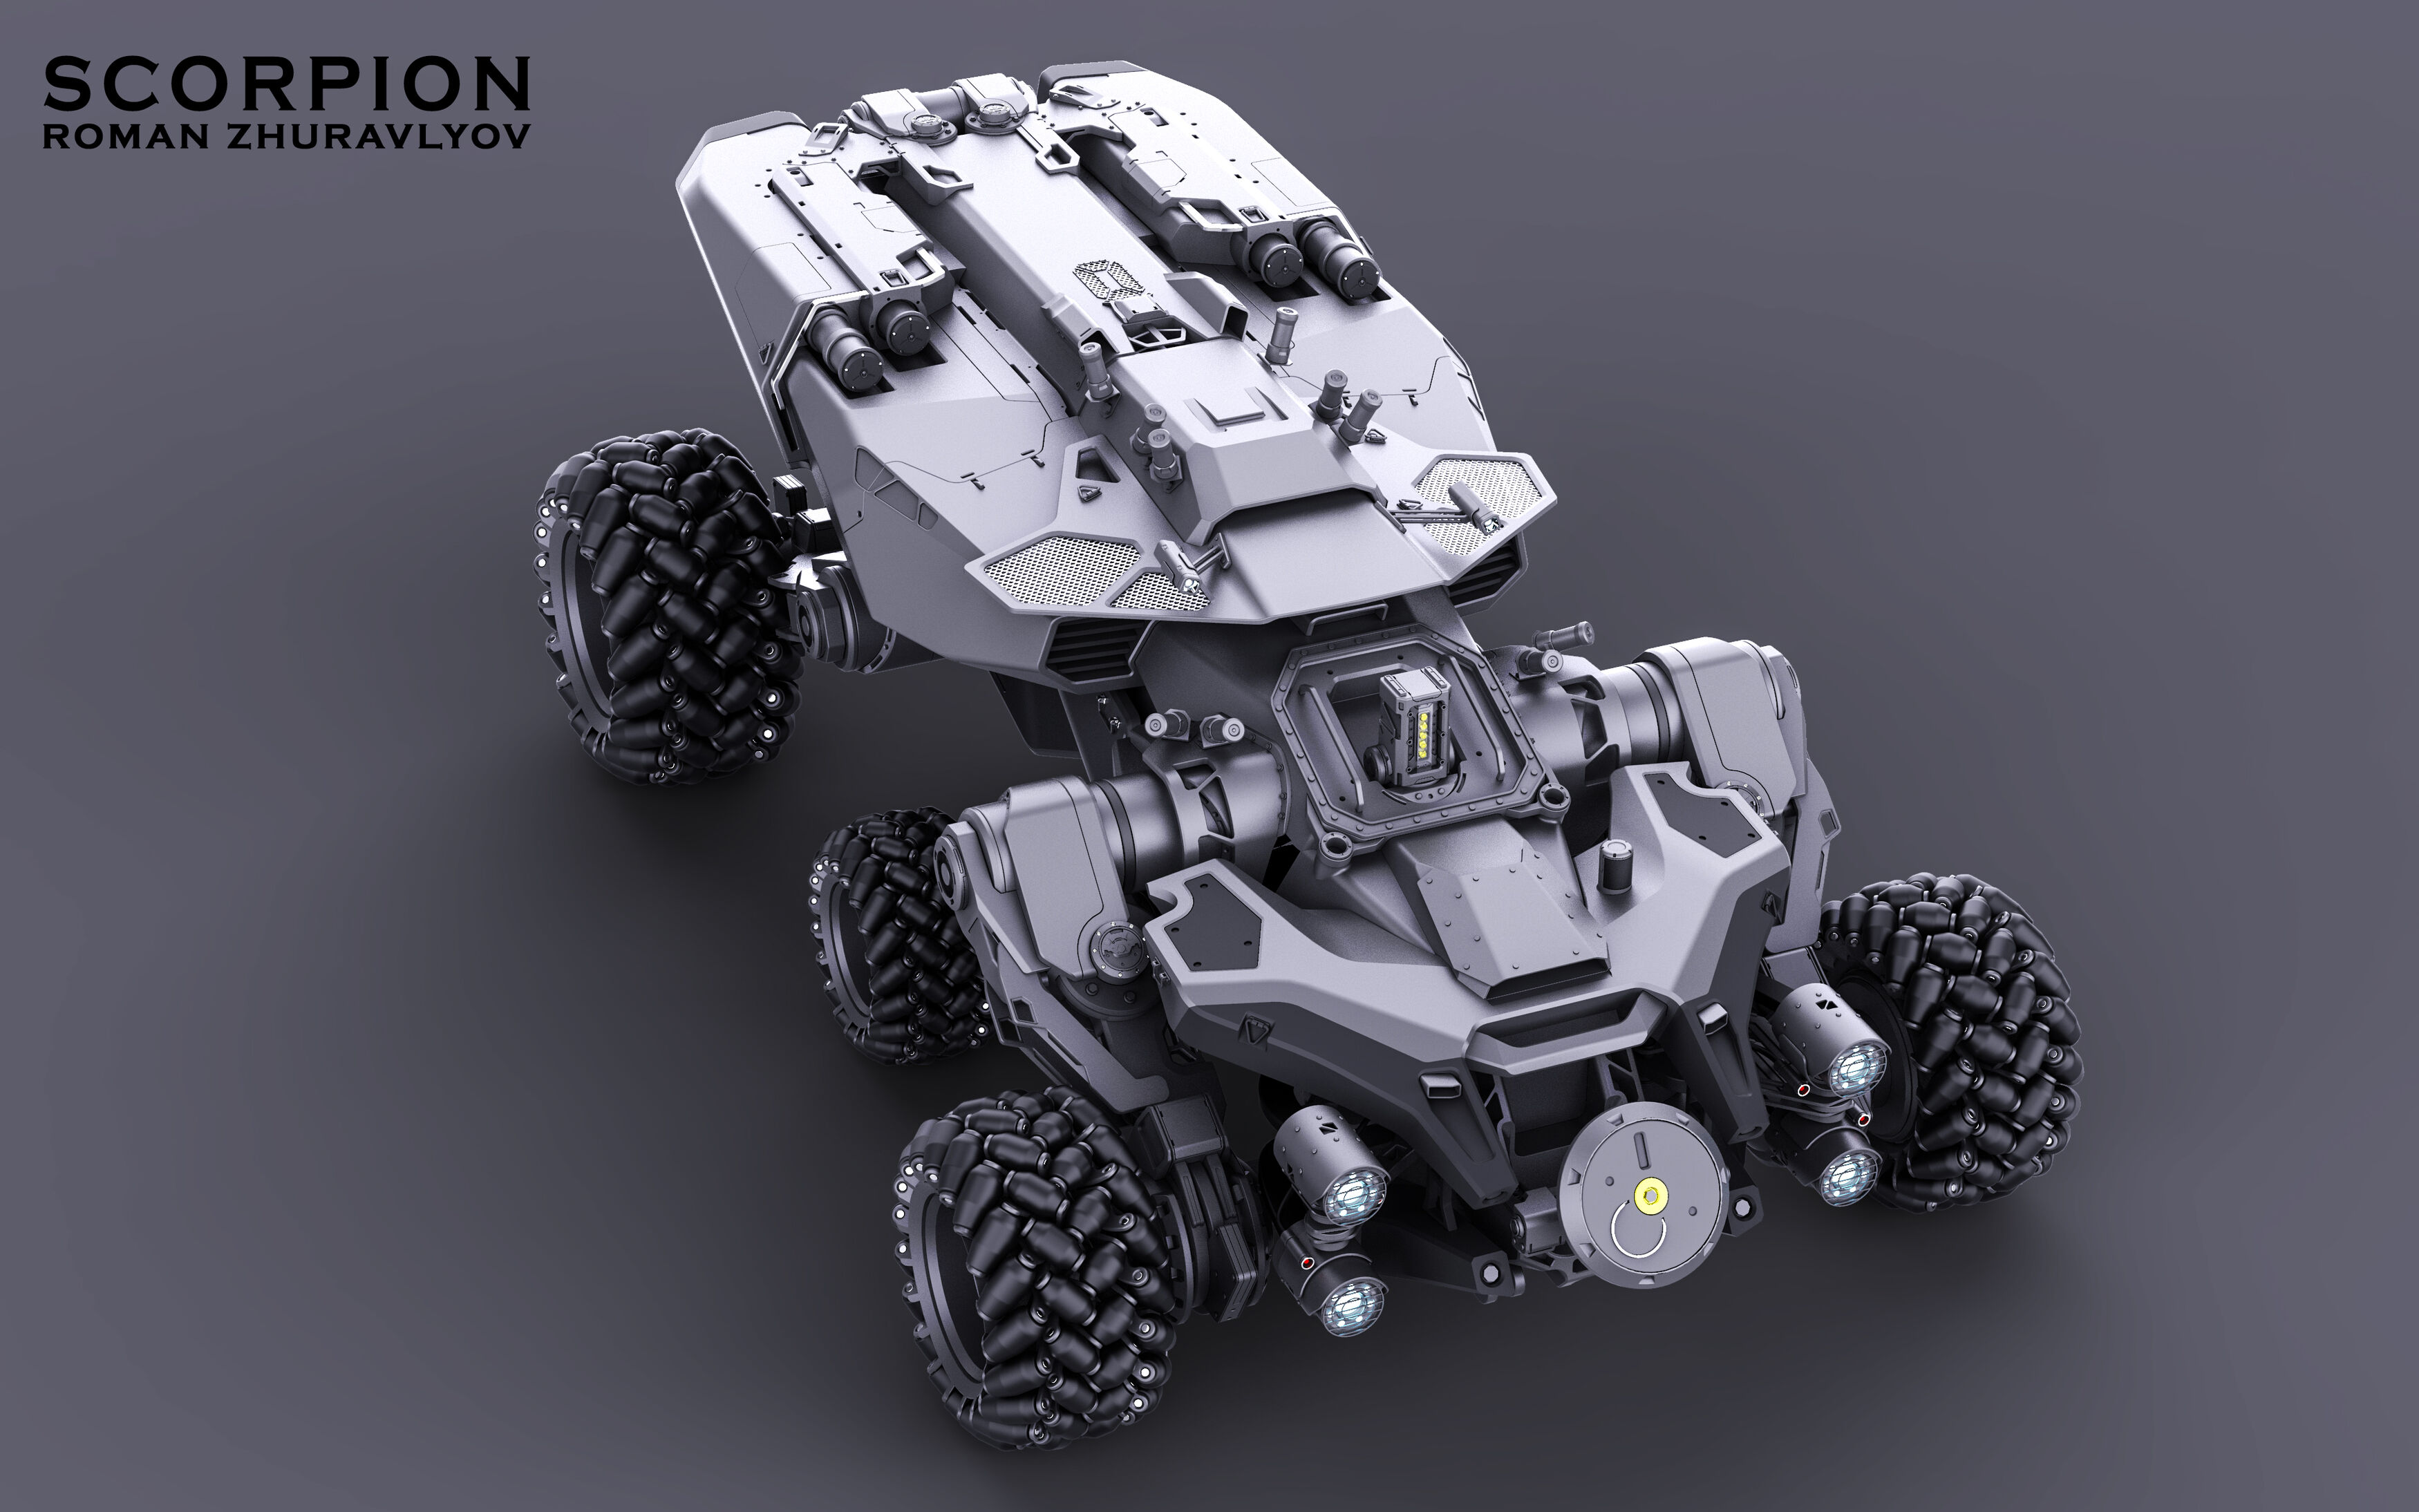 Scorp-3-3500-3500